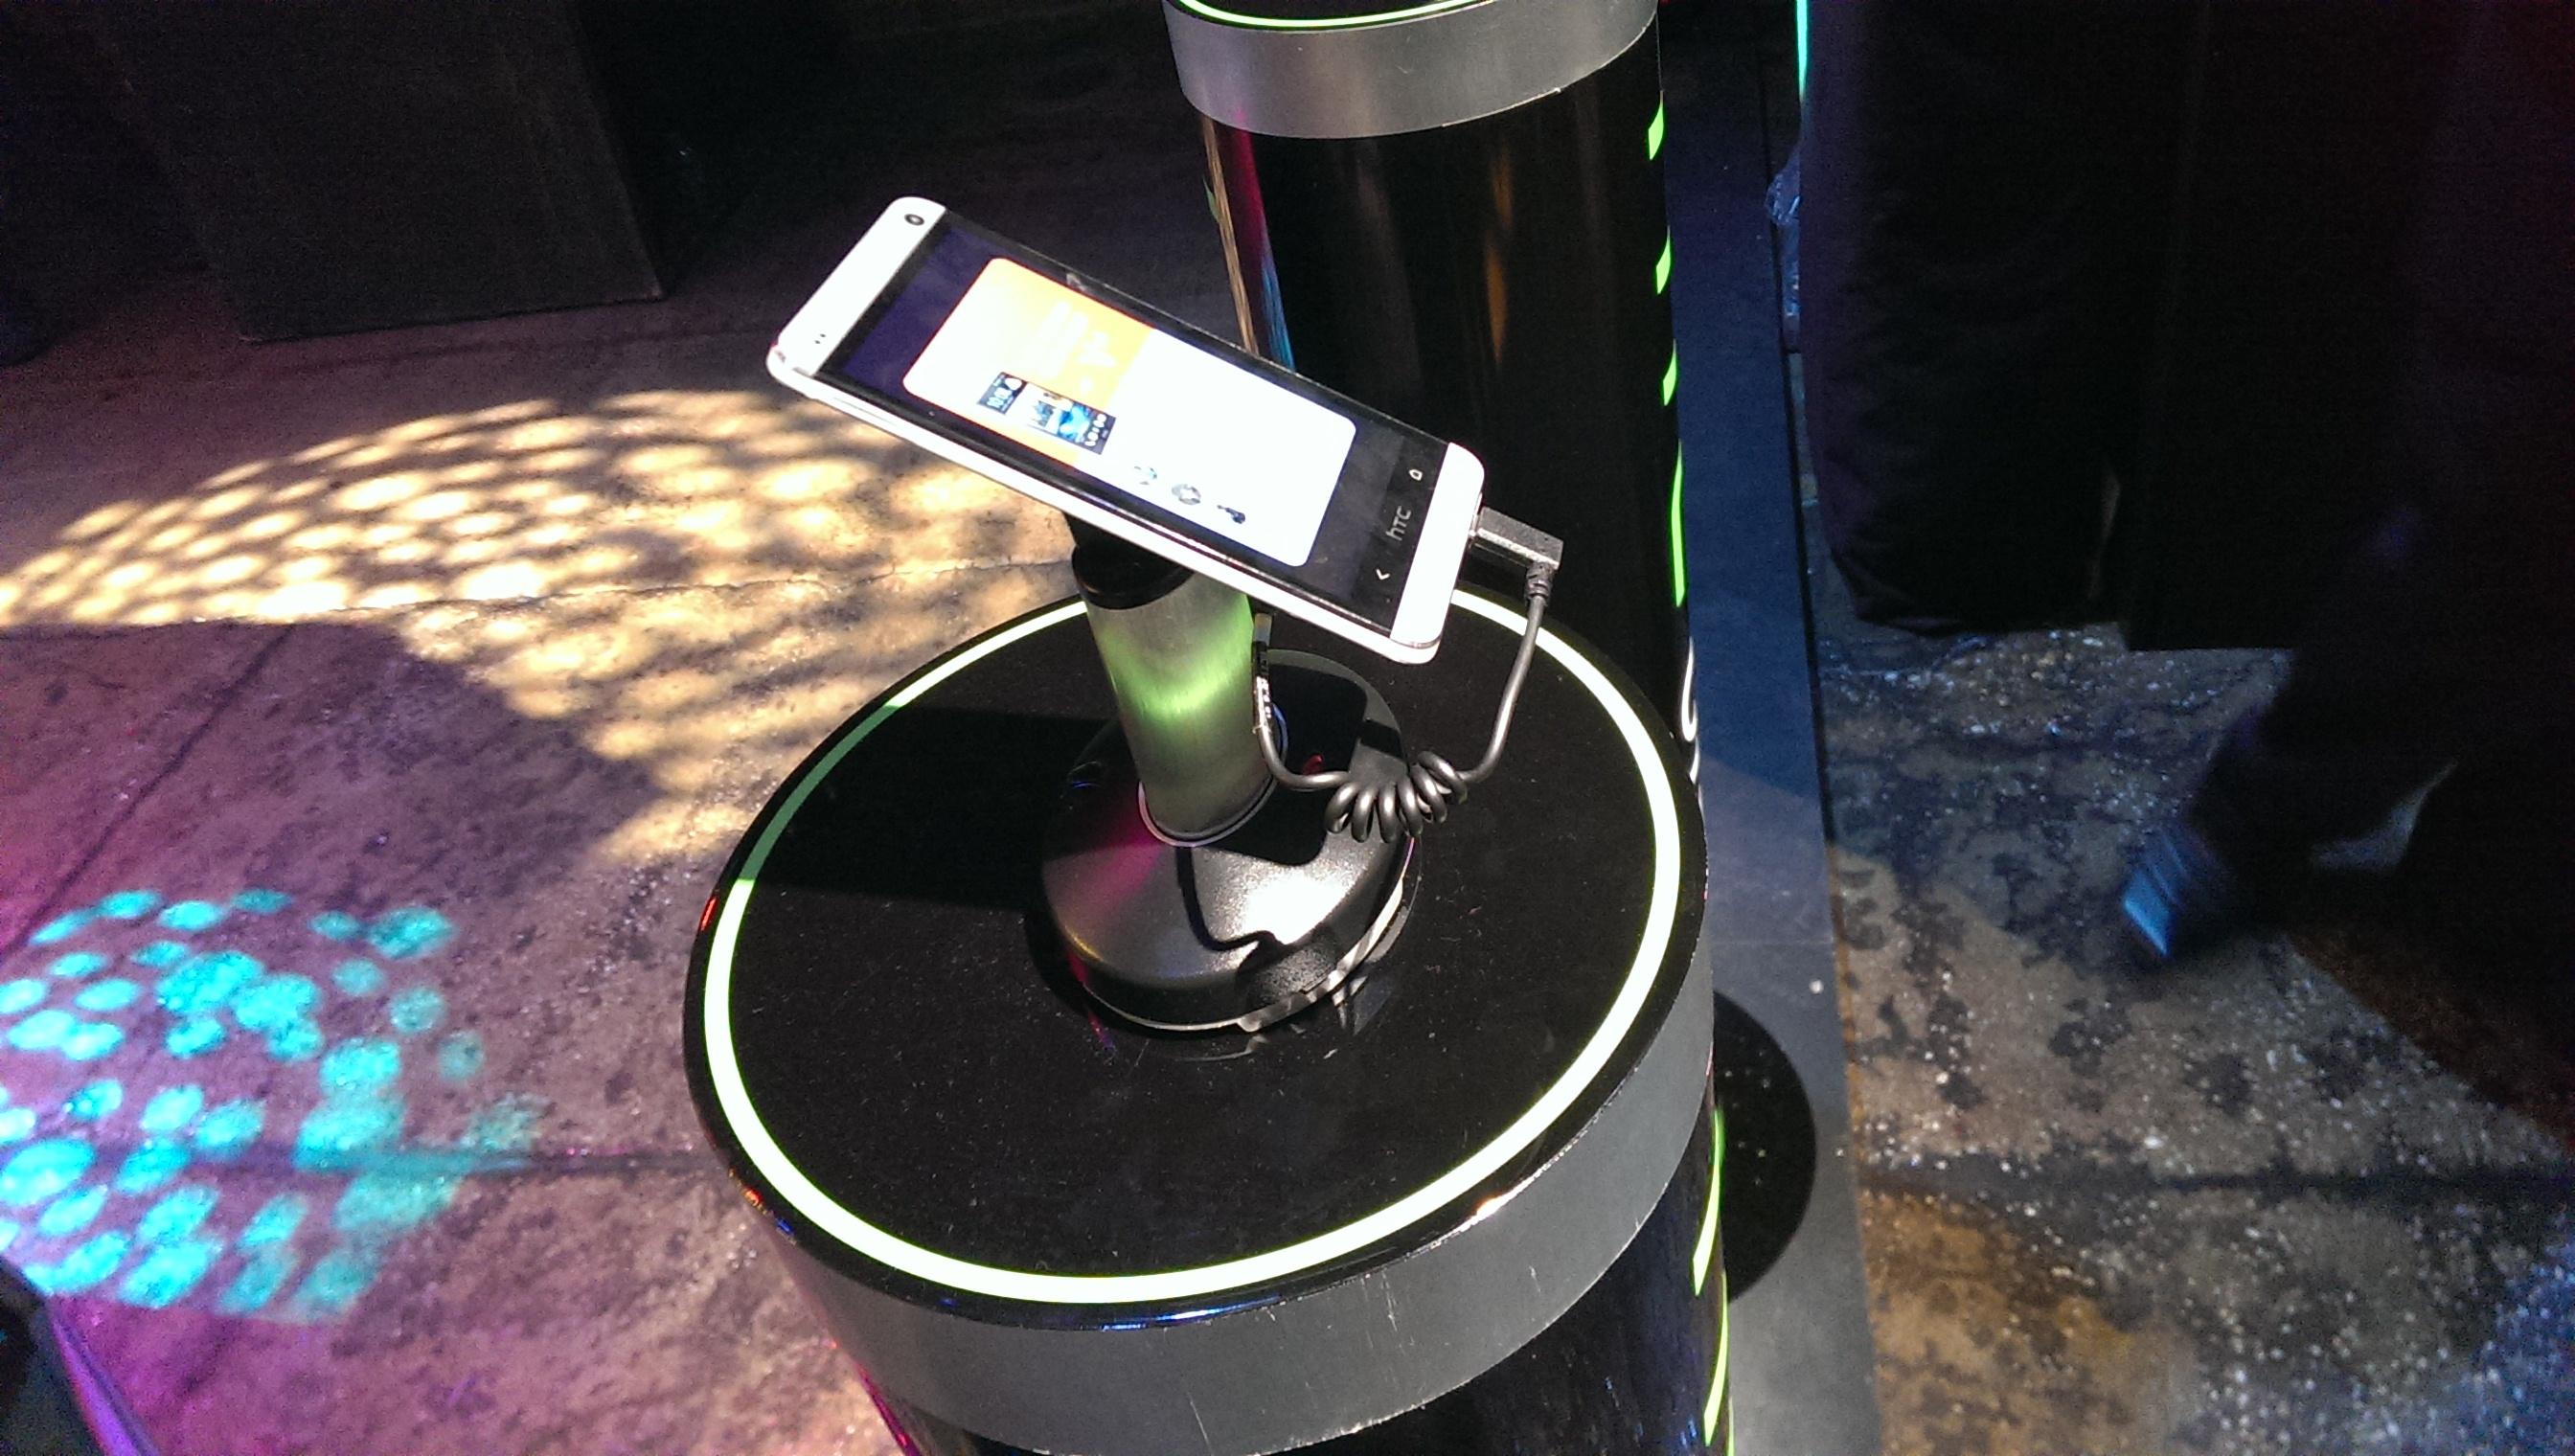 HTC One Foto 03 HTC One: Foto  und Video Beispiele der Cam, Präsentation online